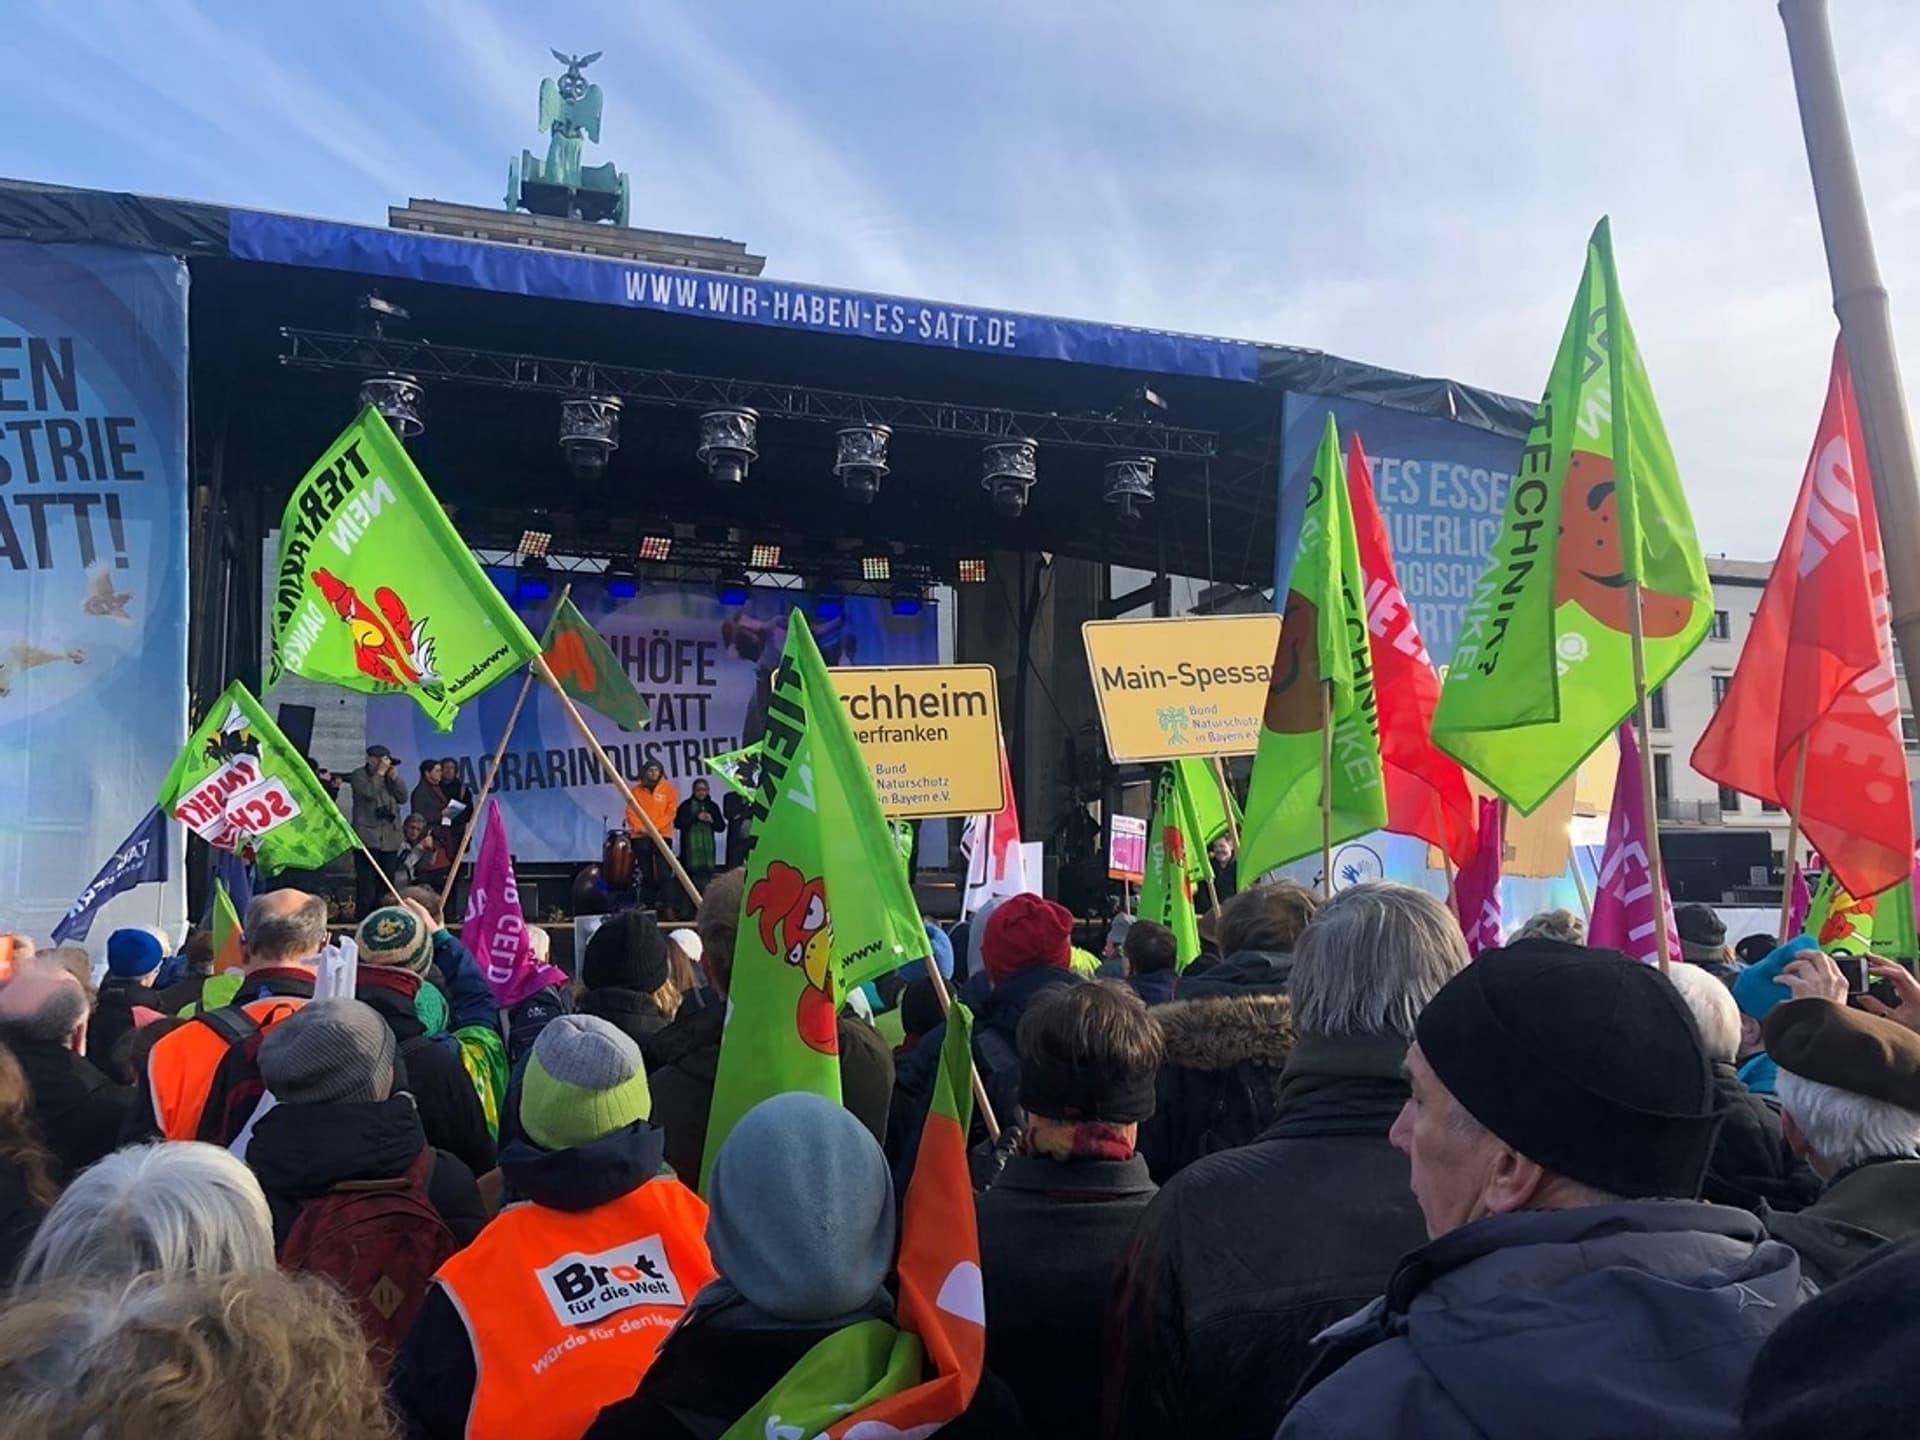 Wir-haben-es-satt-Demo in Berlin